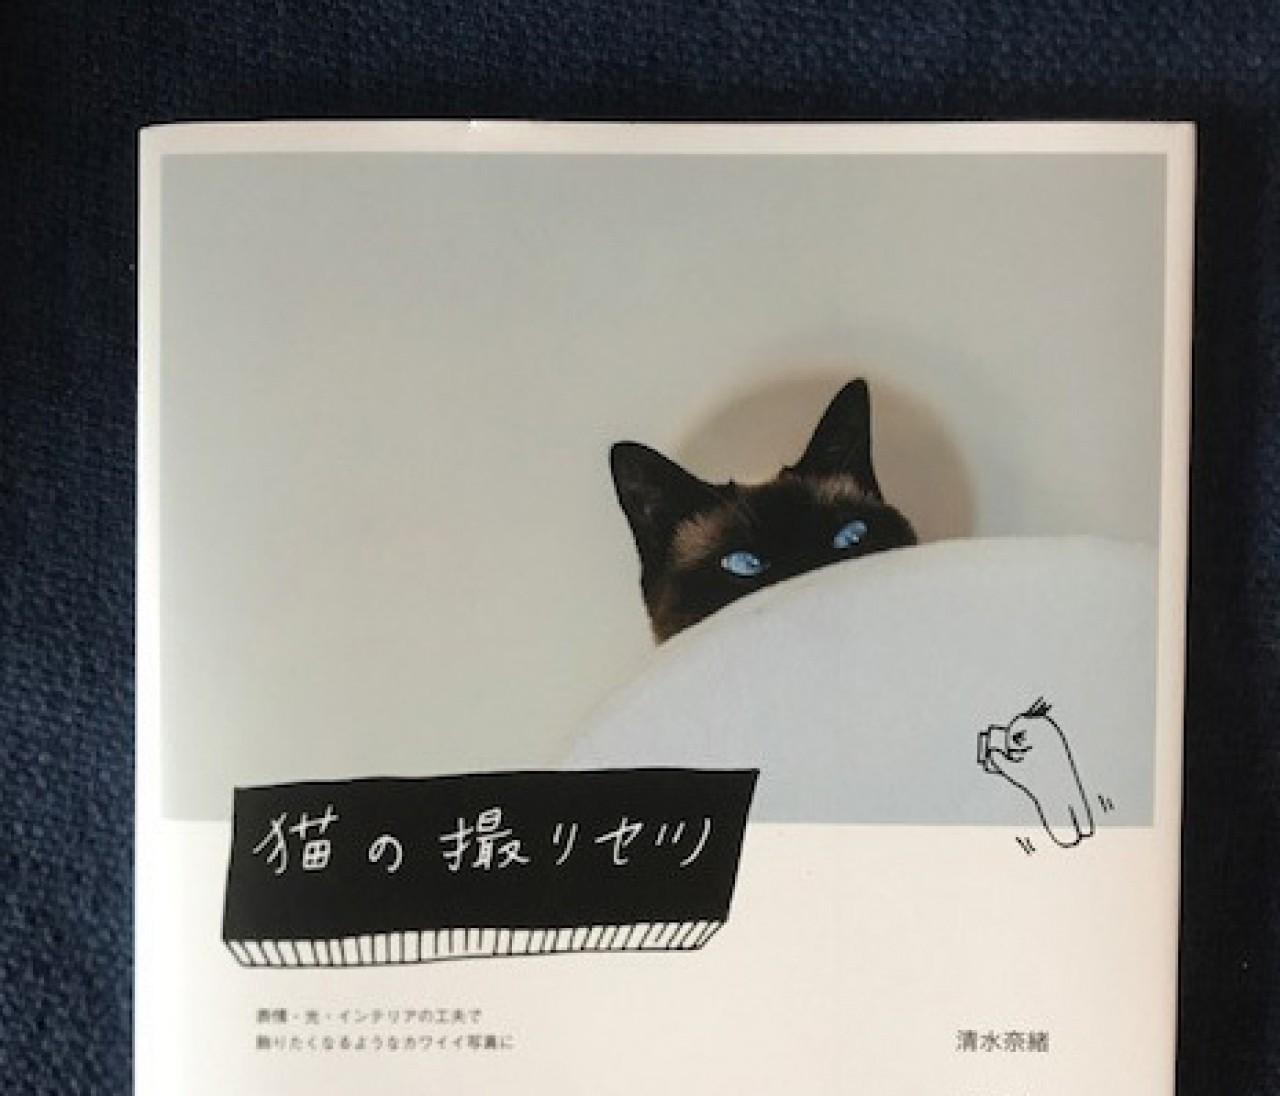 猫好きカメラマンによる、愛溢れる「猫写真の撮り方」に癒される♡